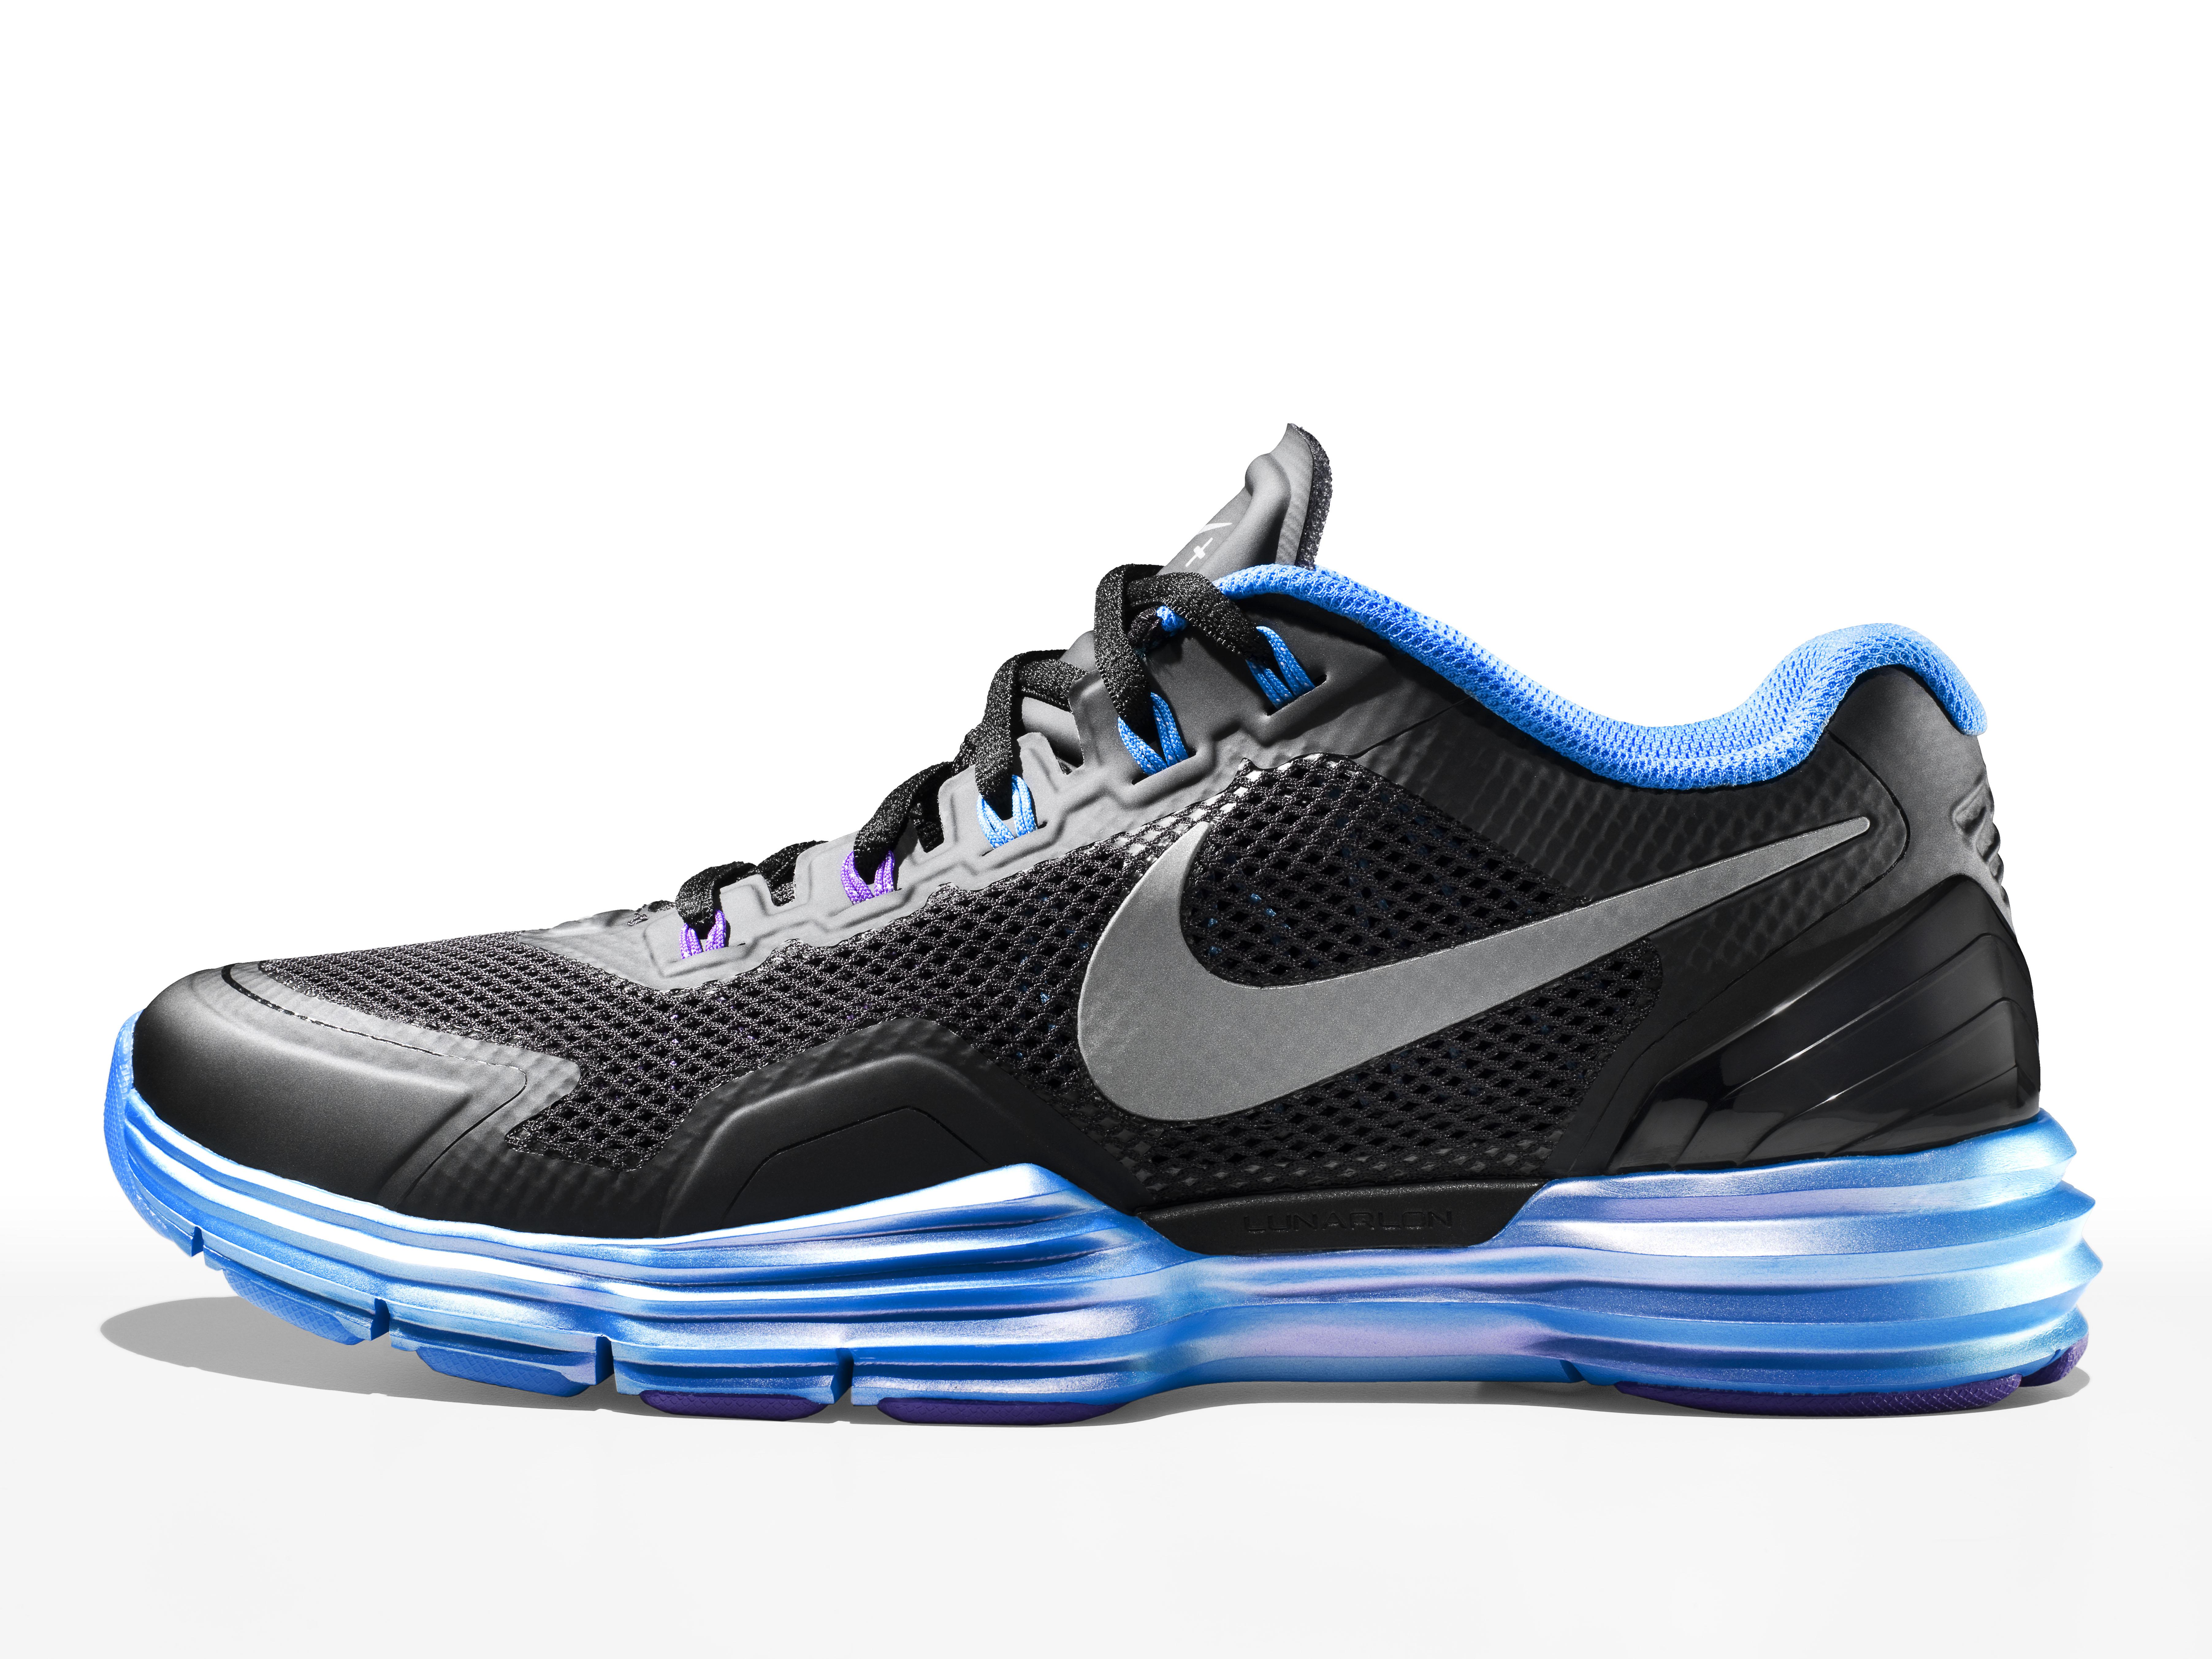 0dbc8ce4d9cc lebron james gym shoes